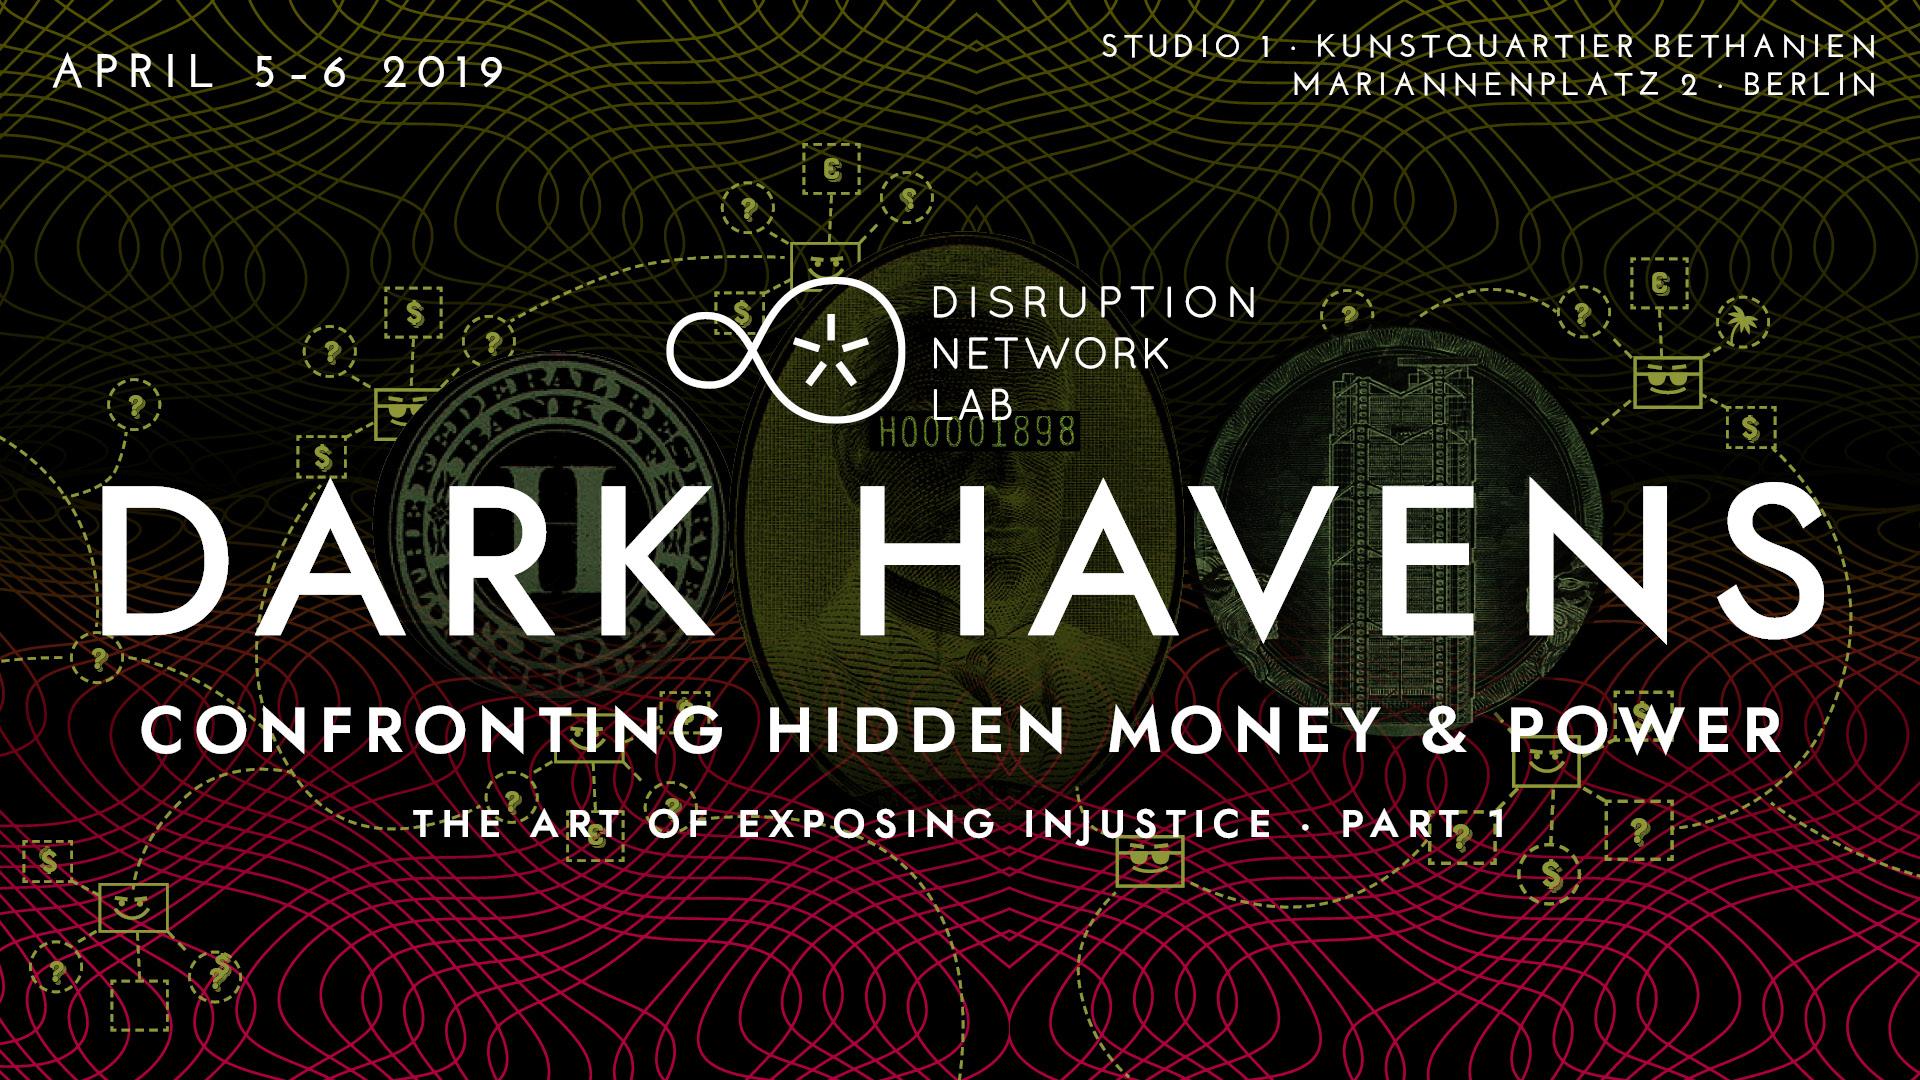 Web 16-9 Graphic, Facebook Event, Dark Havens.jpg